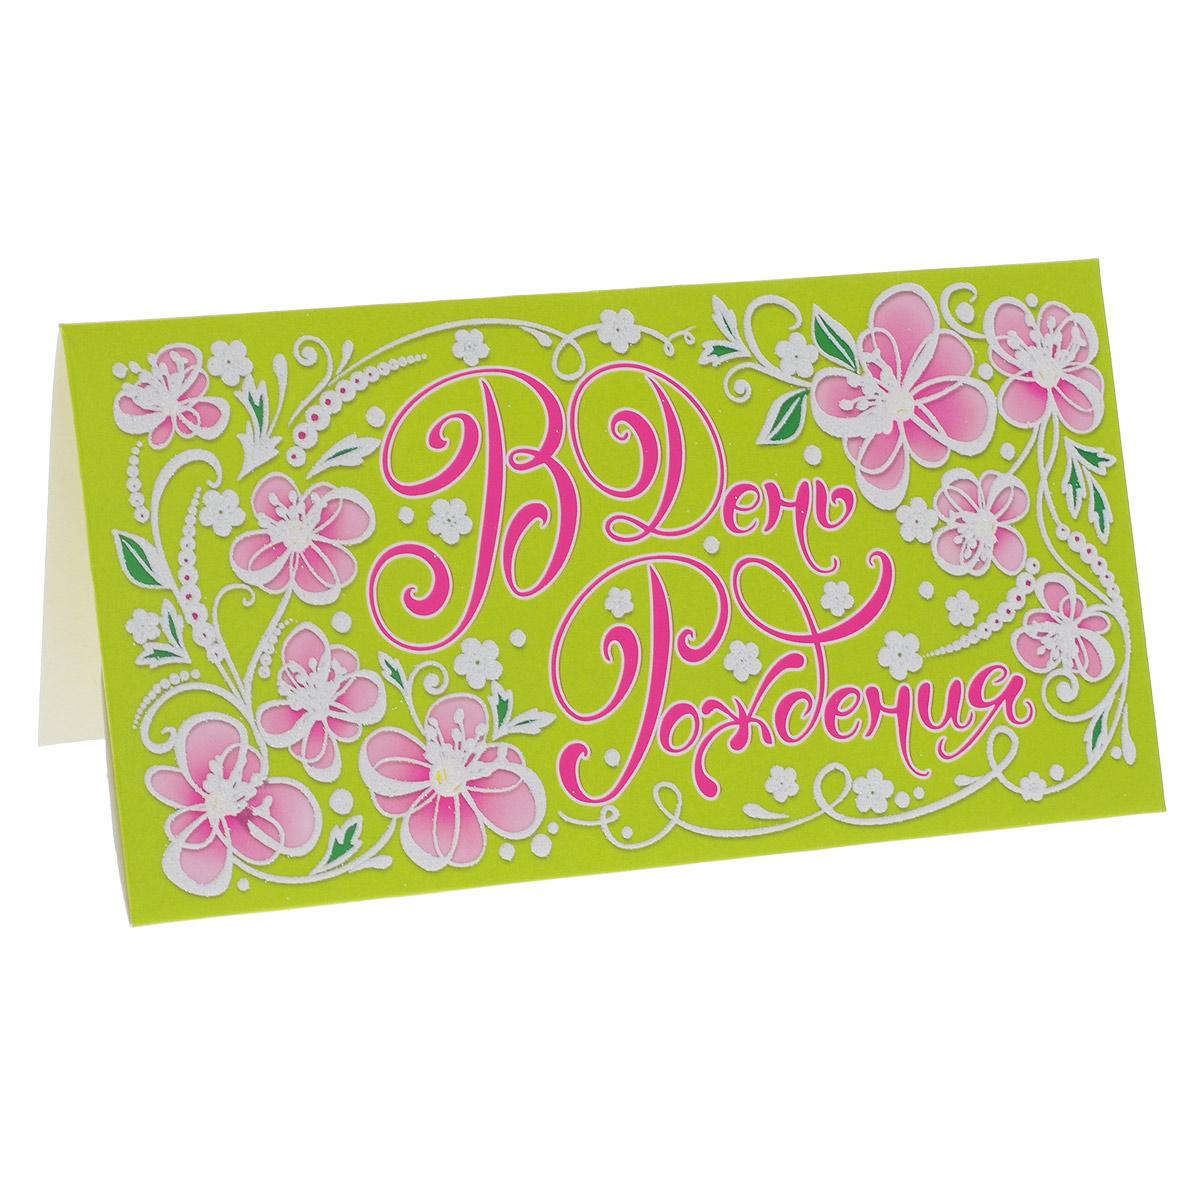 Конверт для денег В День Рождения!. 11132301113230Конверт для денег В День Рождения! выполнен из плотной бумаги и украшен яркой картинкой, соответствующей событию, для которого предназначен. Это необычная красивая одежка для денежного подарка, а так же отличная возможность сделать его более праздничным и создать прекрасное настроение! Конверт В День Рождения! - идеальное решение, если вы хотите подарить деньги.